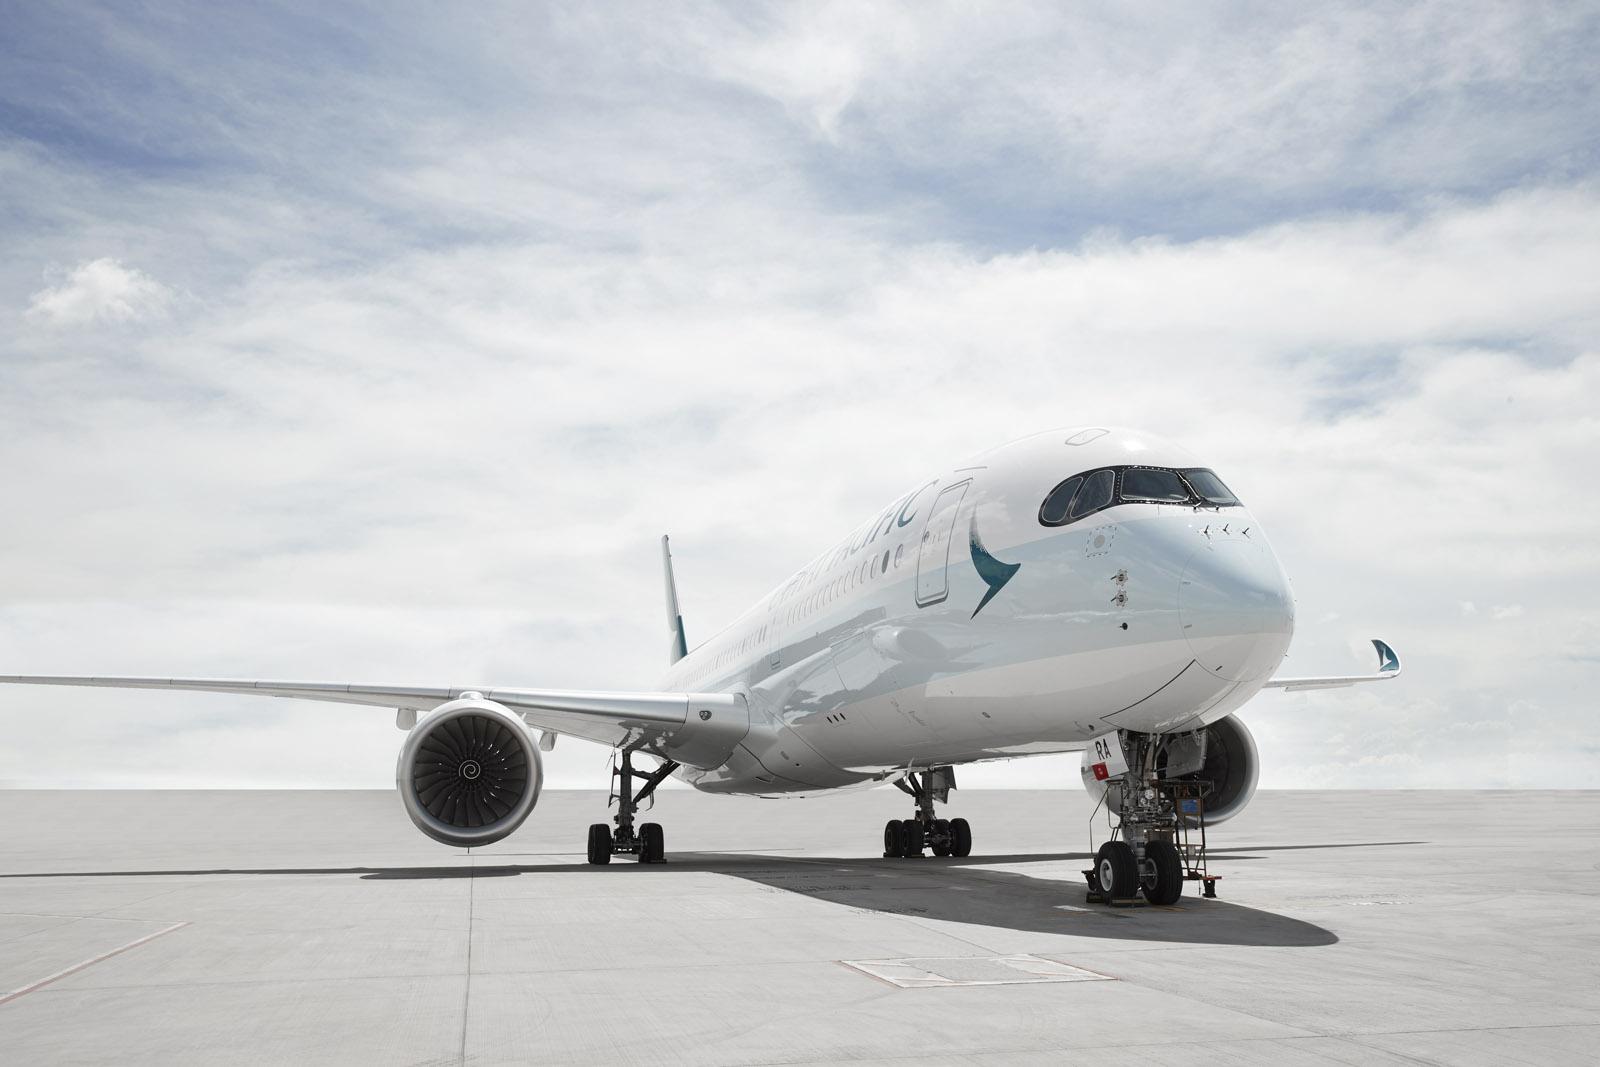 Cathay_aircraft_18